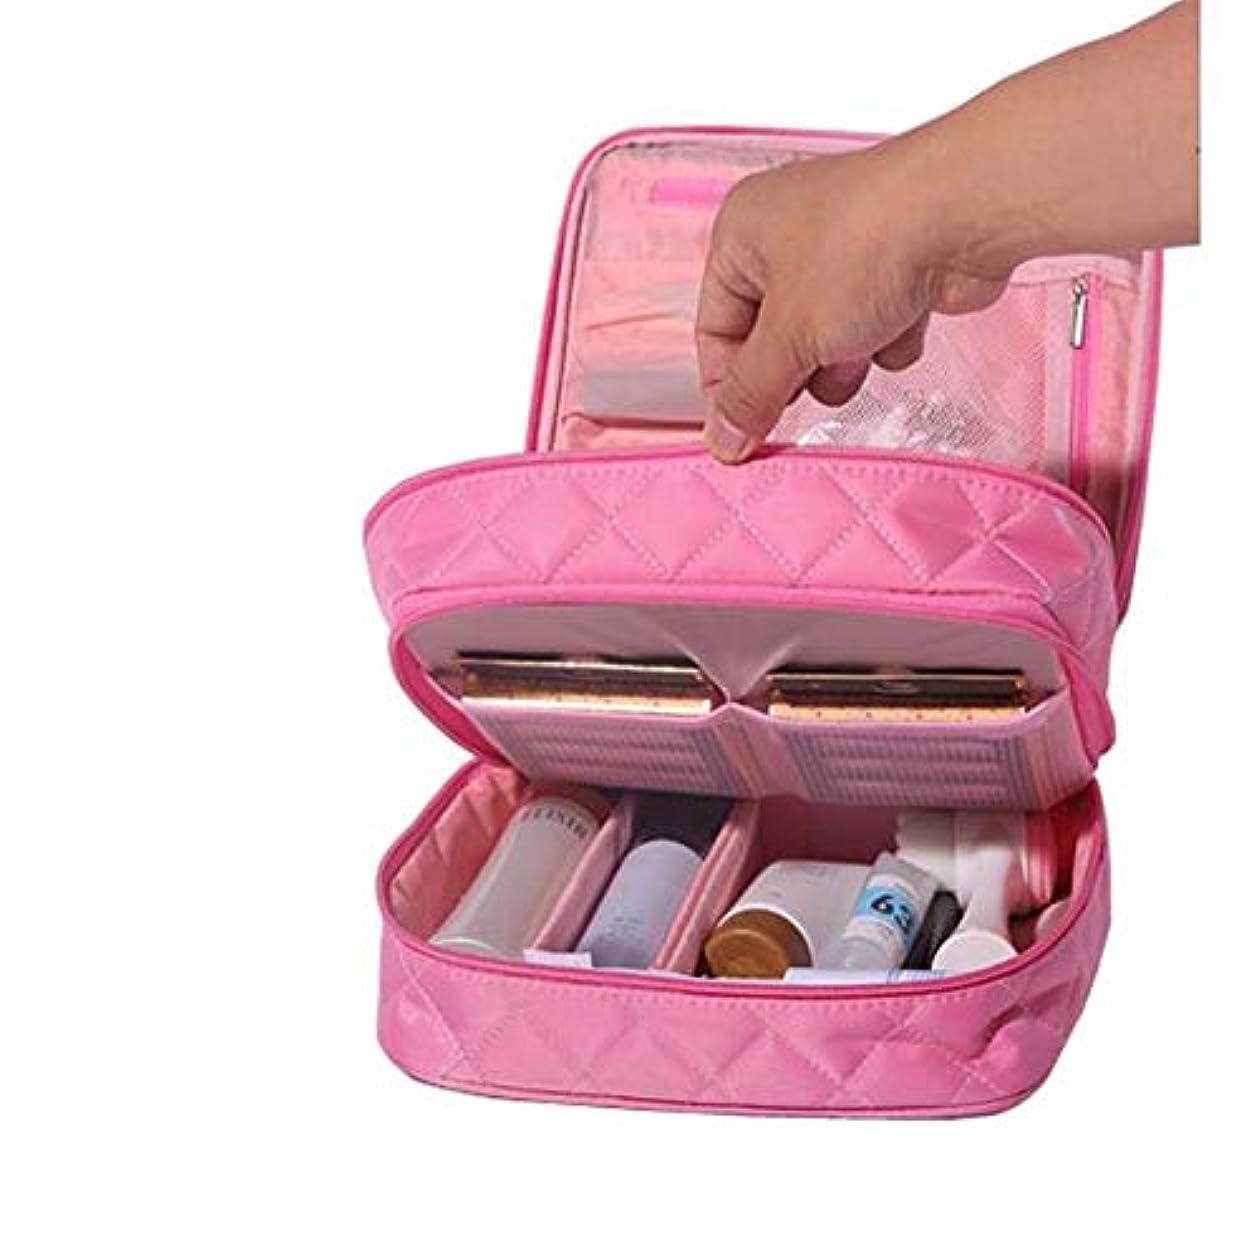 ソーセージ追い越すフクロウ特大スペース収納ビューティーボックス 化粧品袋、携帯用旅行化粧品の箱、化粧品の箱、収納箱、調節可能なディバイダーが付いている小型化粧の電車箱、化粧品の化粧筆、化粧品 化粧品化粧台 (色 : ピンク)